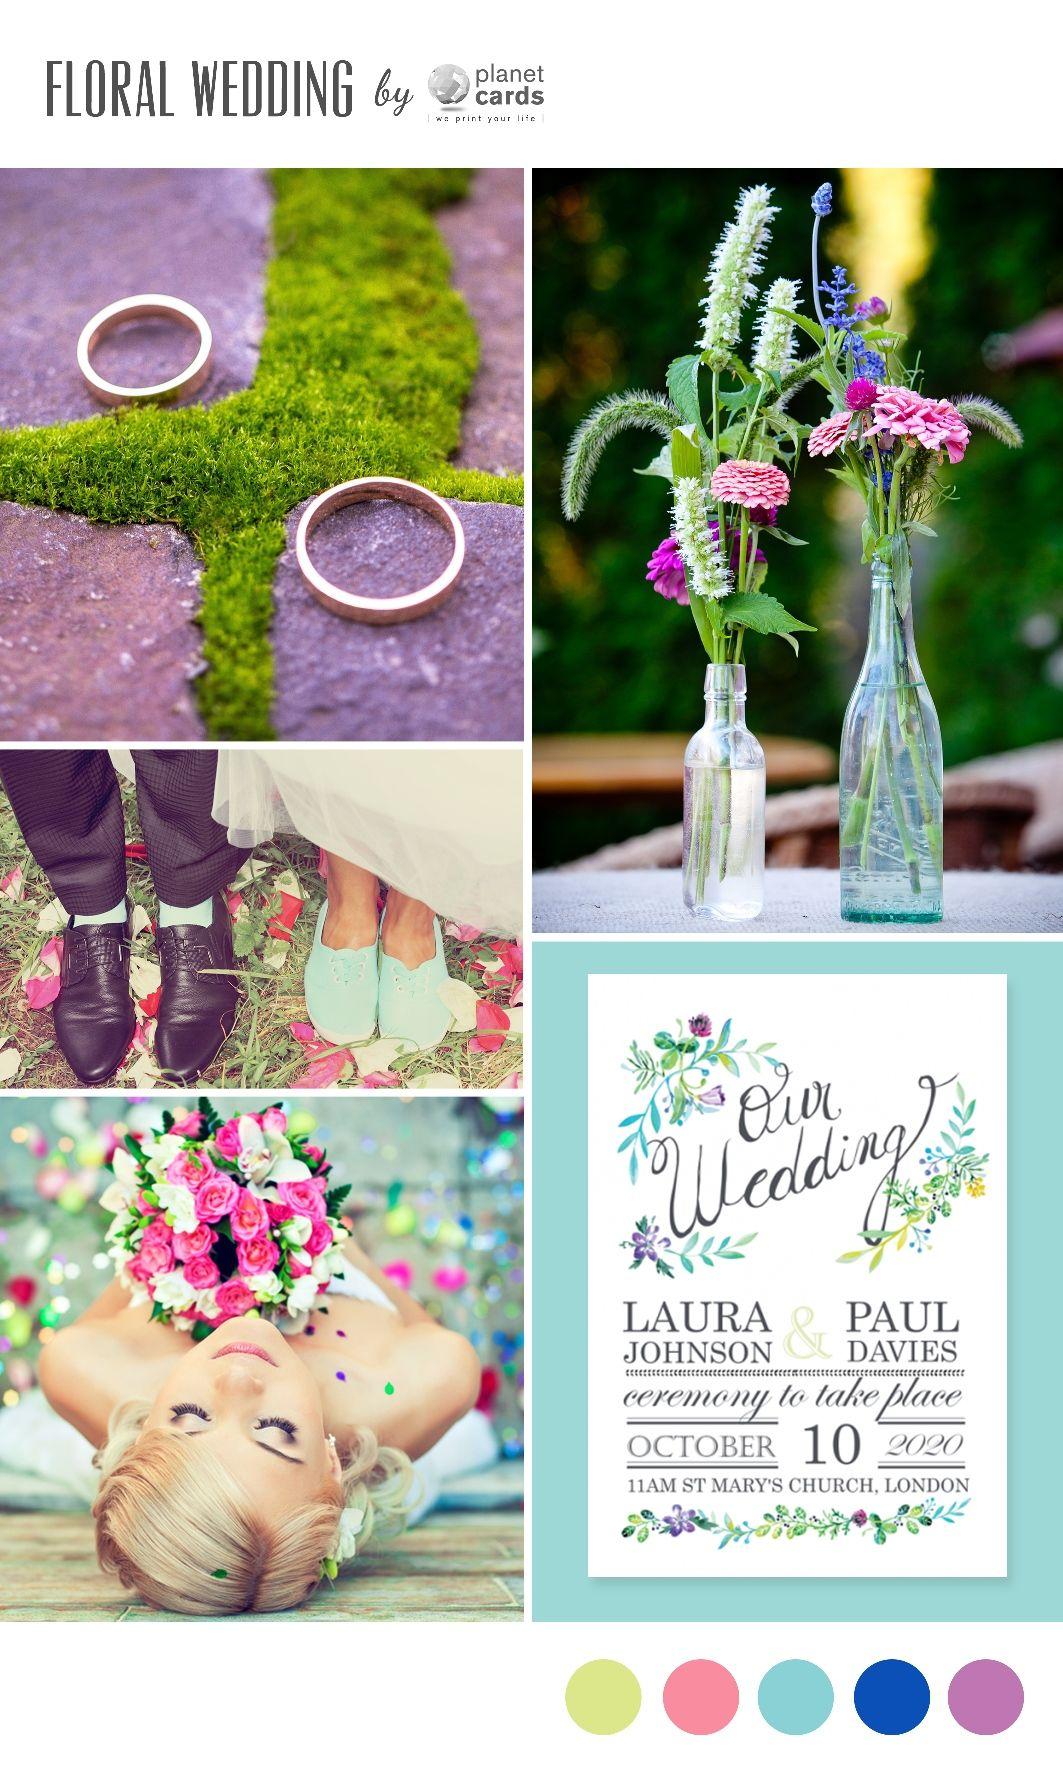 Individuelle Einladungskarten mit Moodboards für eure Dekoration von Planet Cards | Hochzeitsblog - The Little Wedding Corner